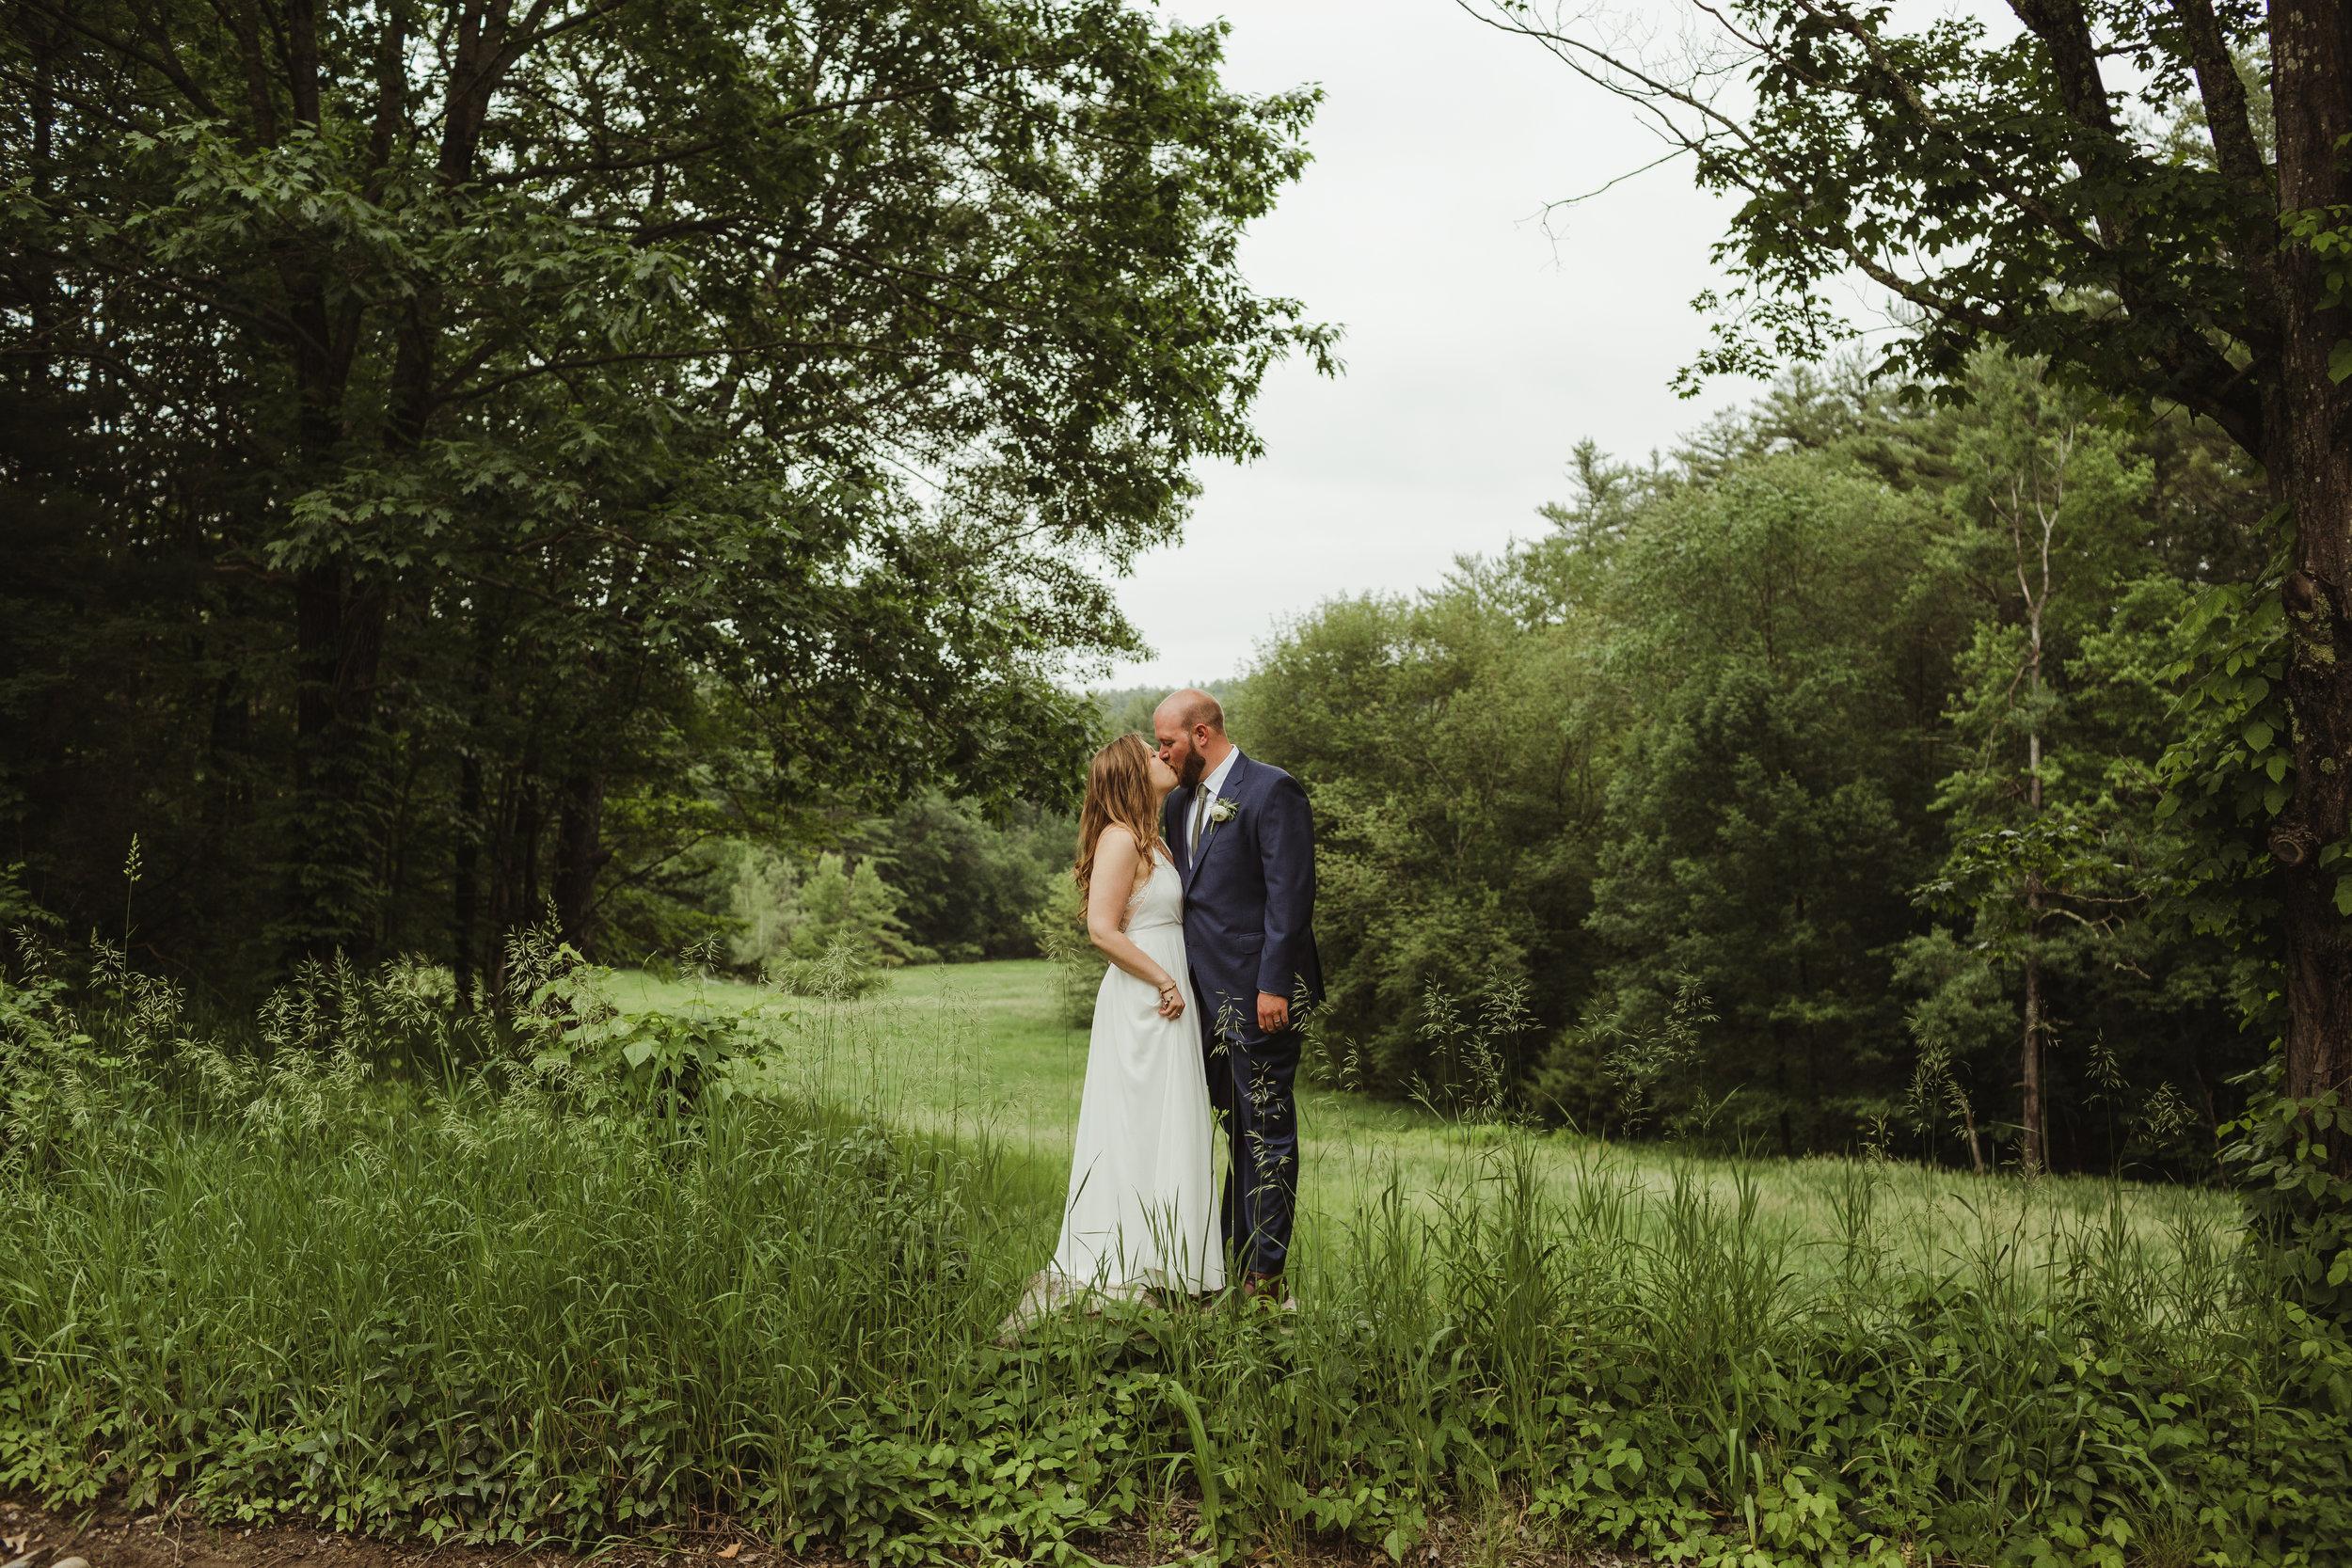 New+Hampshire+Estate+Wedding-1.jpeg